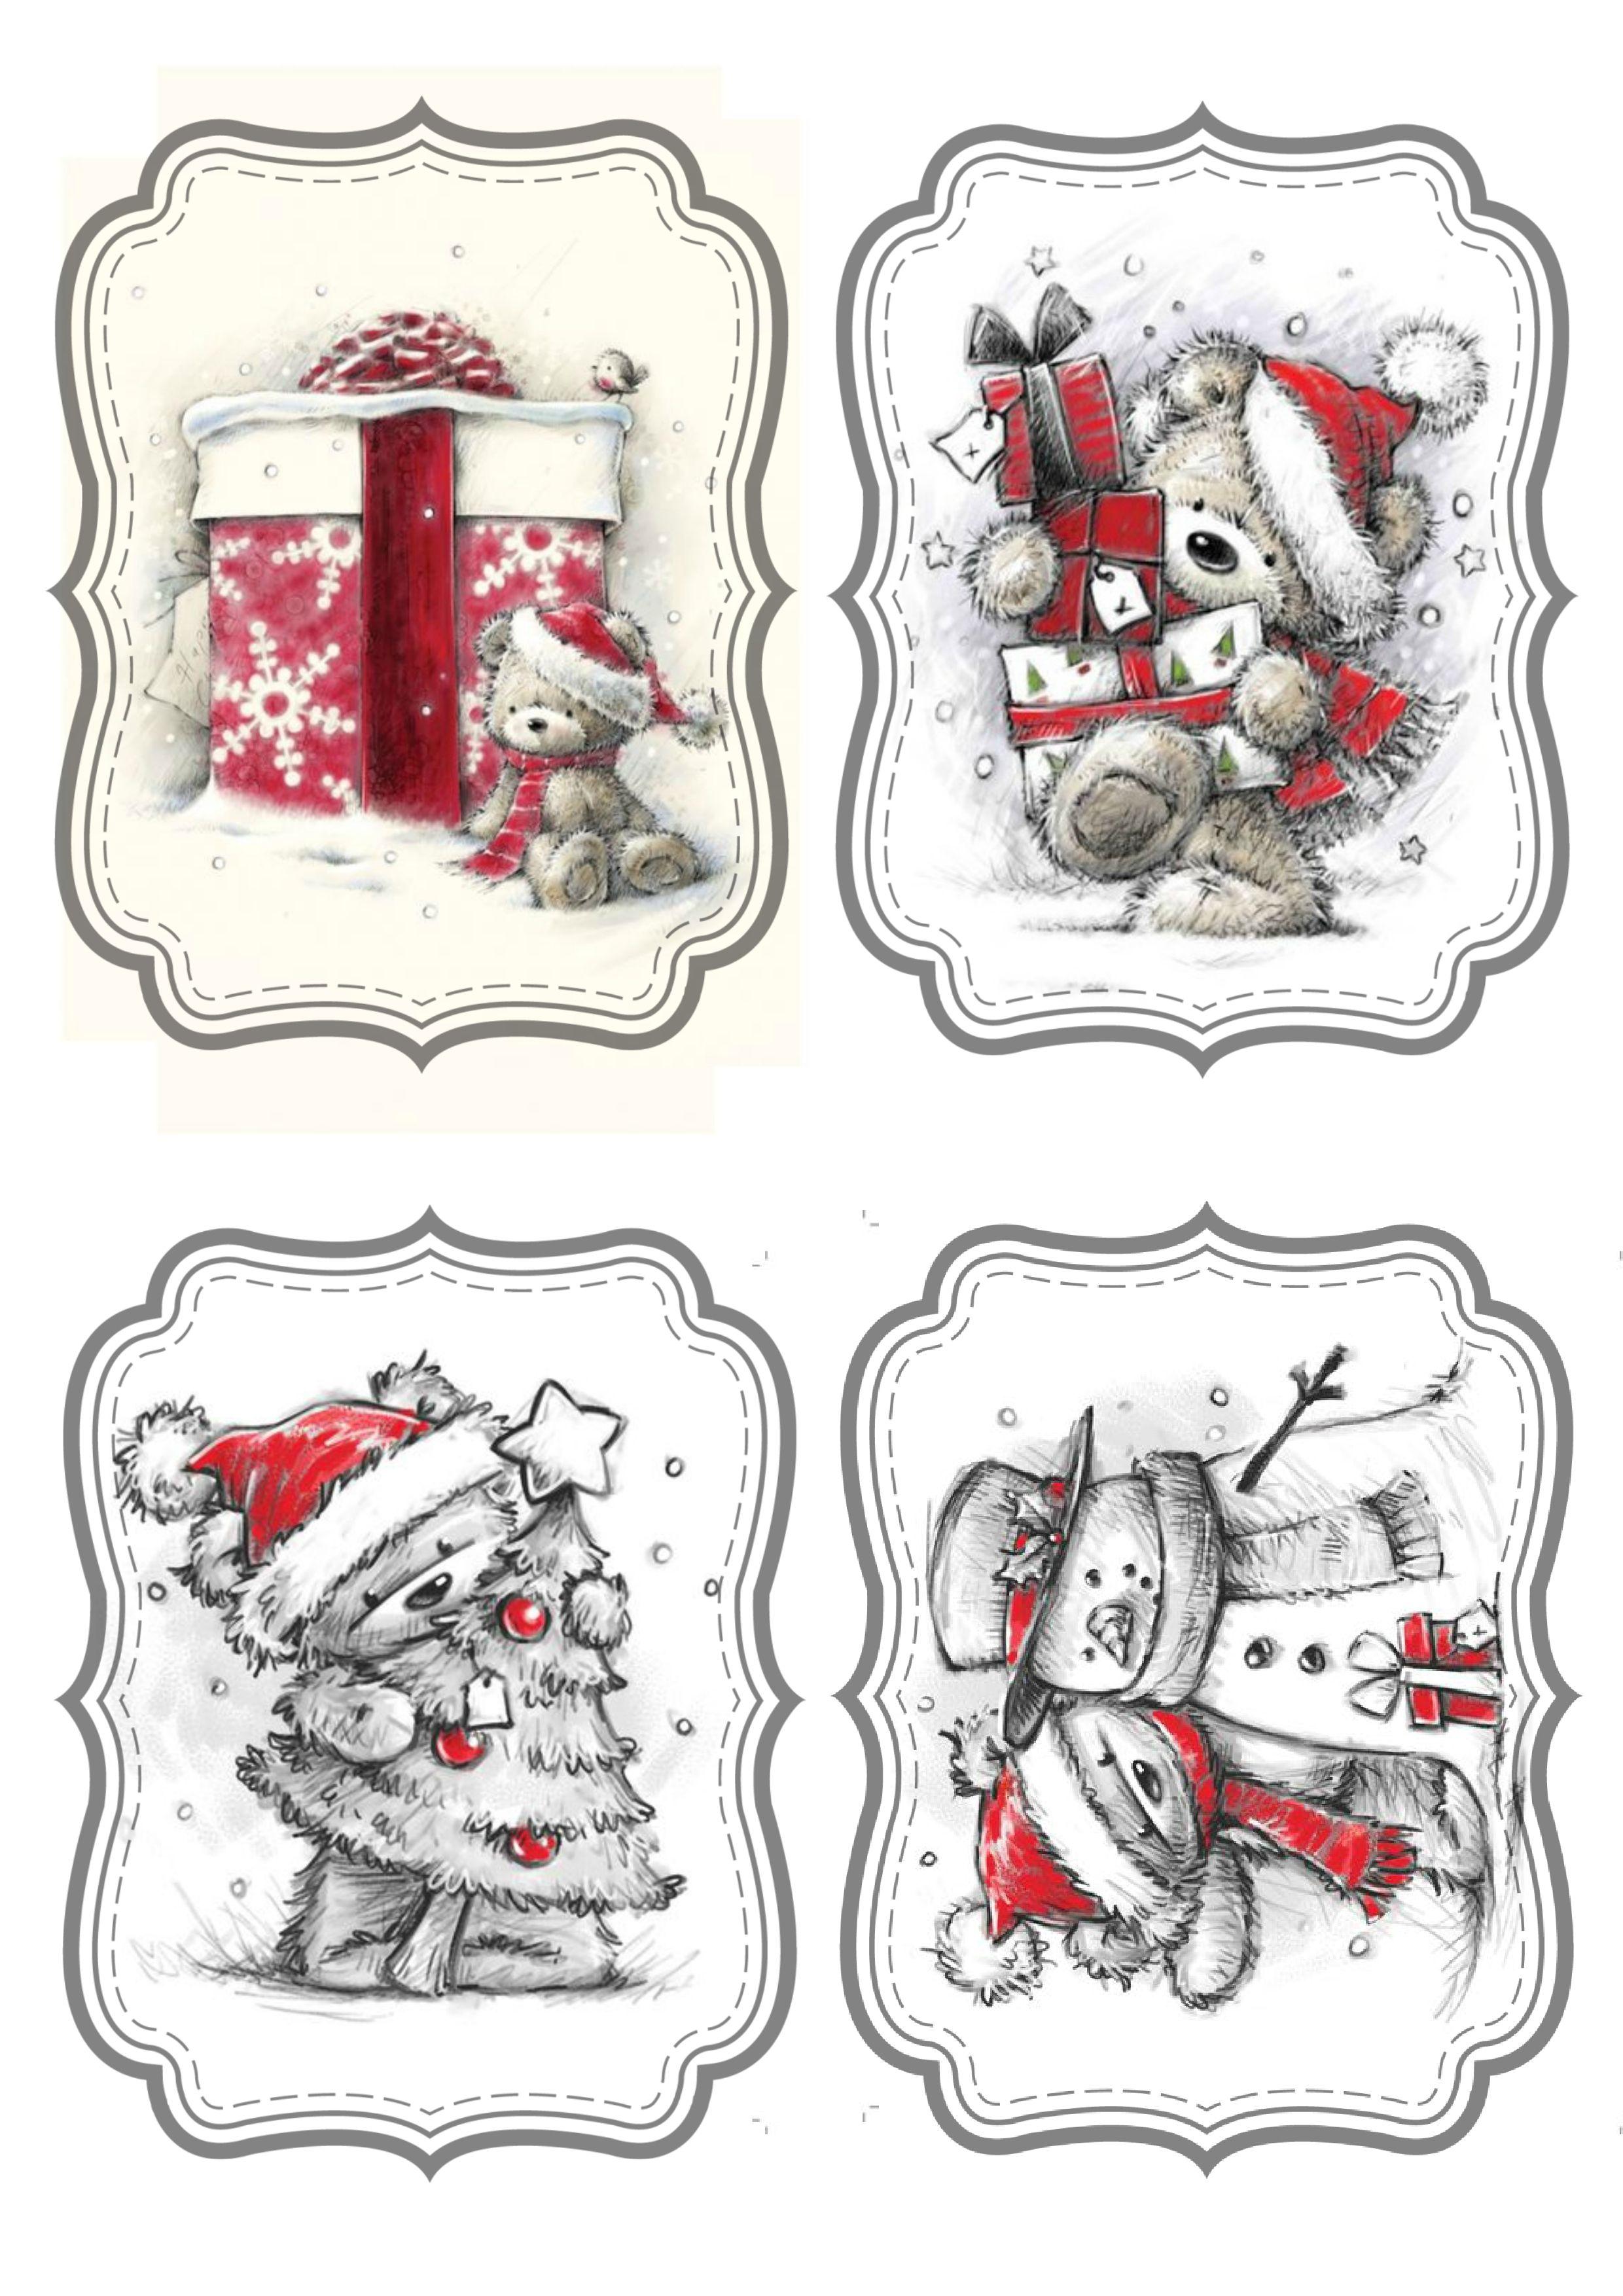 25 einzigartige wintermotive ideen auf pinterest for Schaufensterdekoration ideen